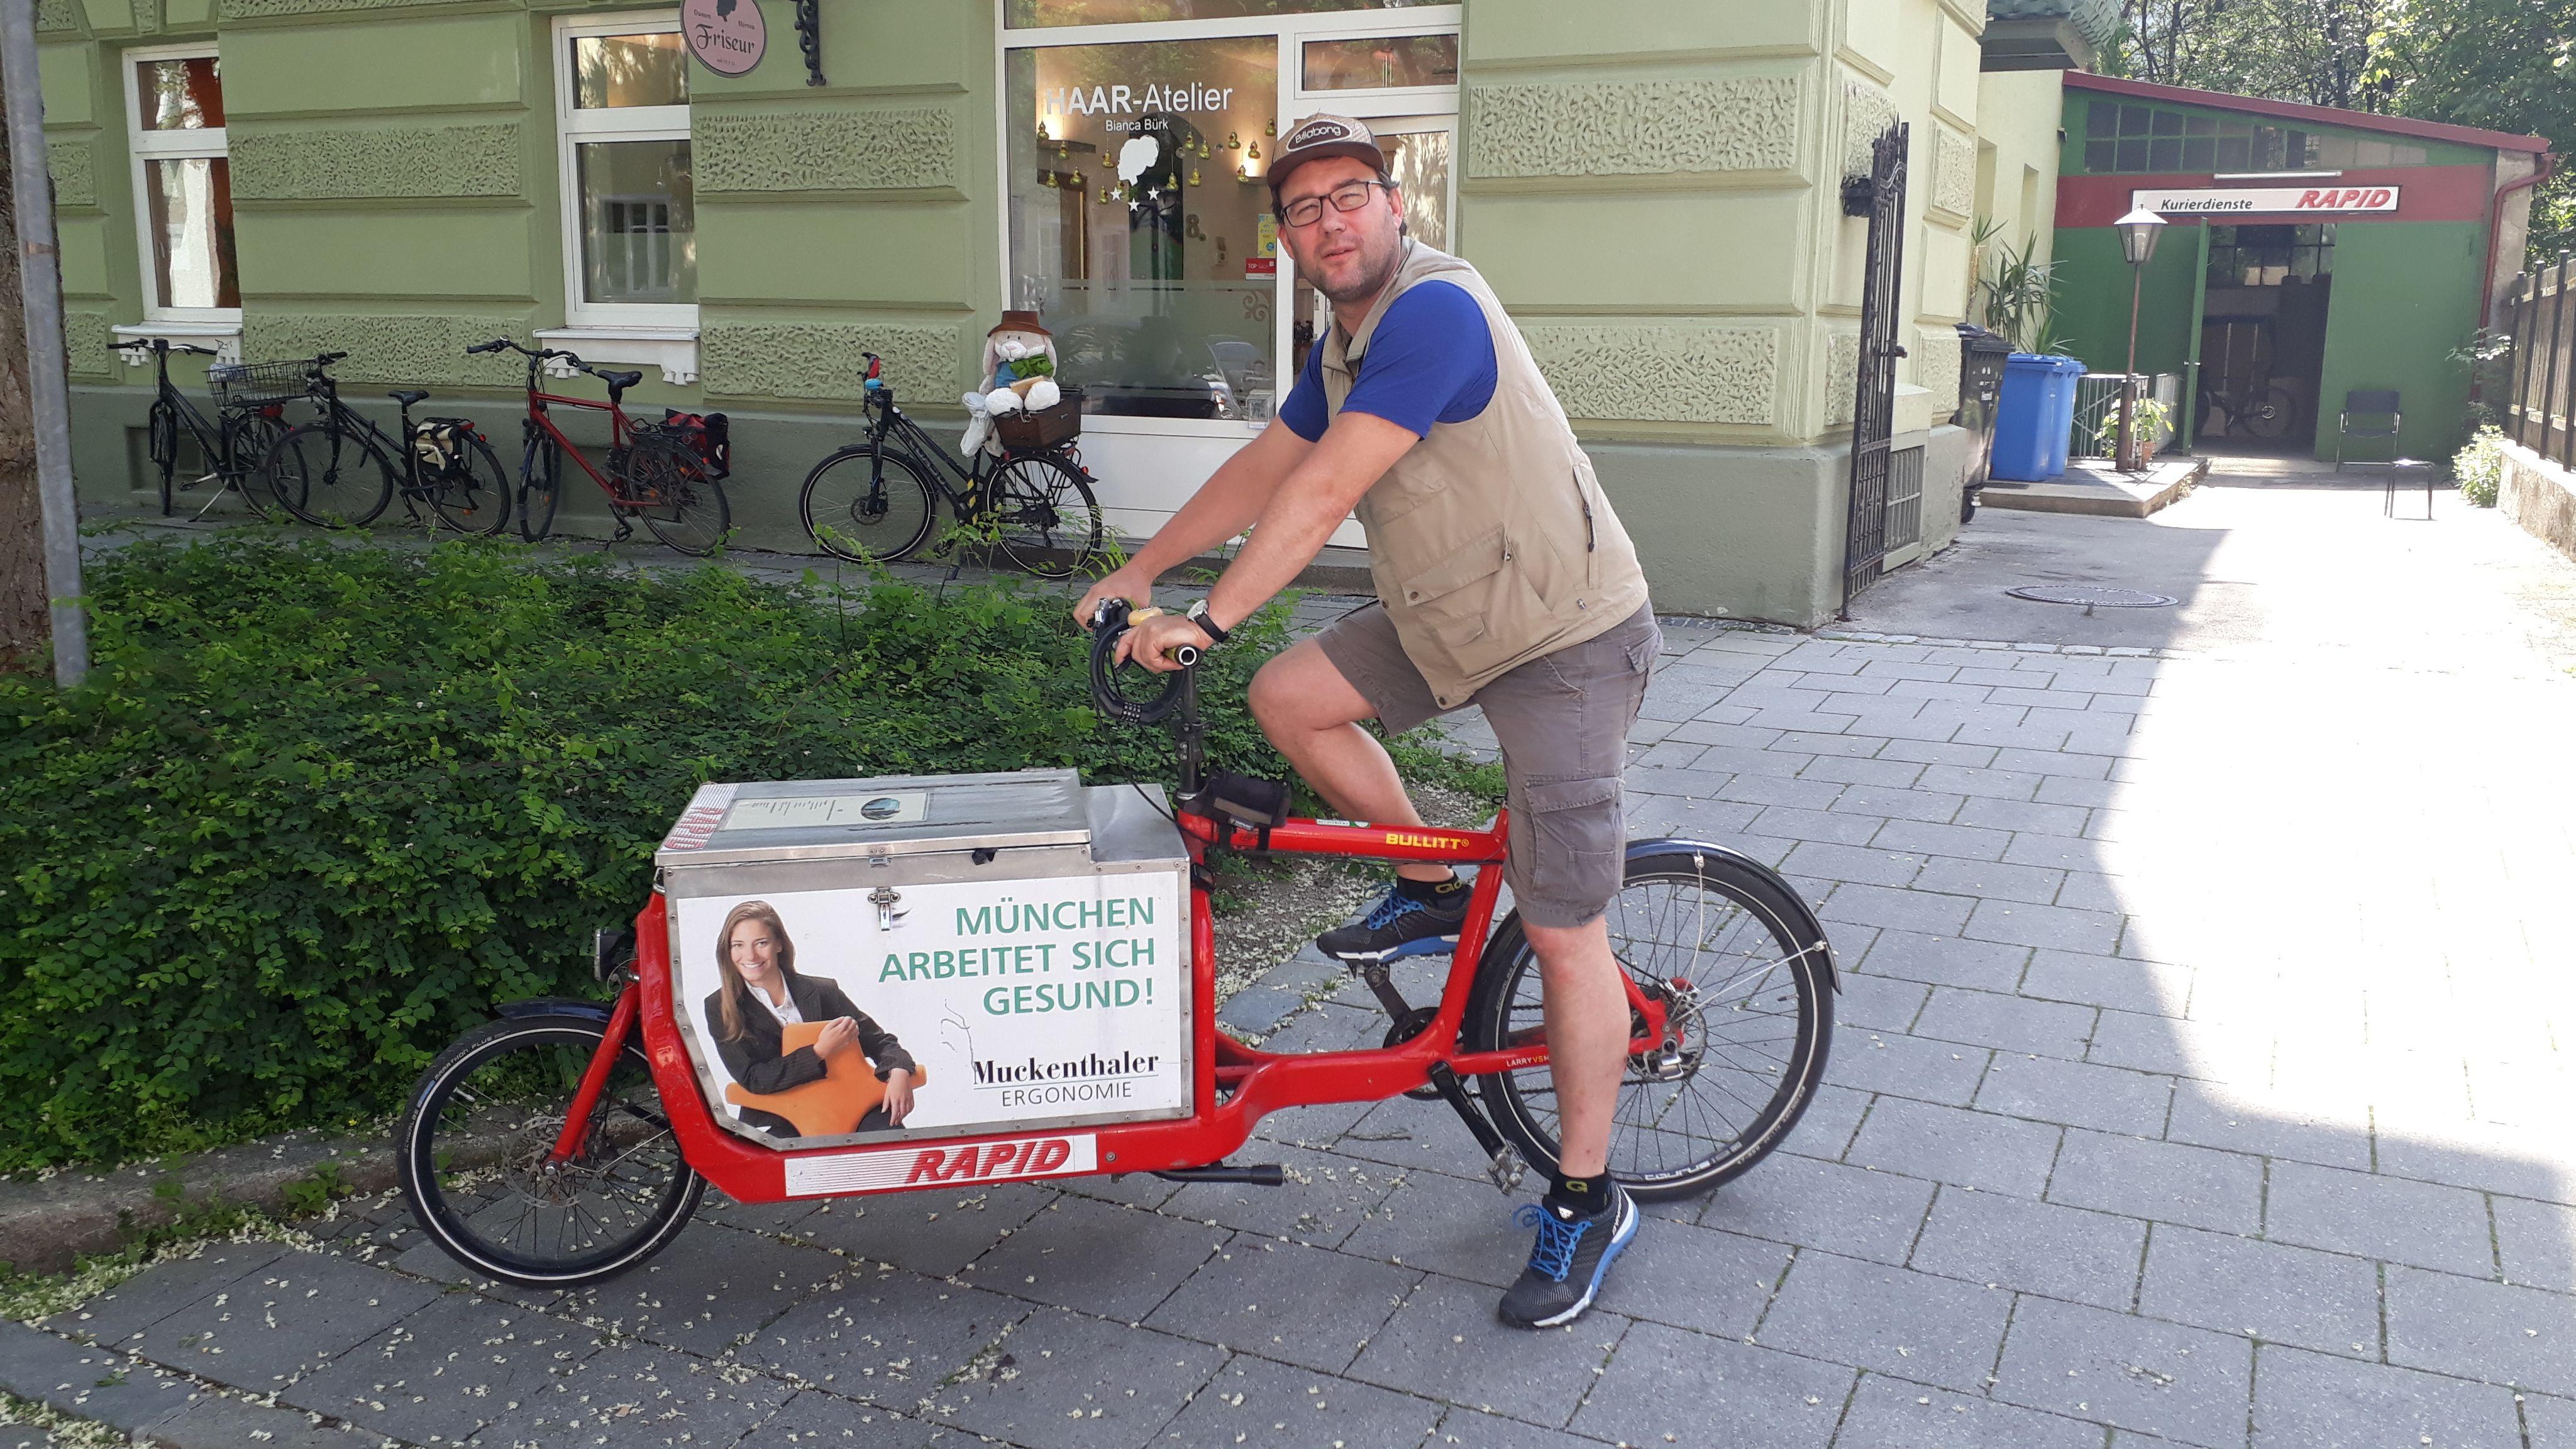 """Fahrradkurier Stefan Kerscher posiert mit seinem Fahrrad mit der Aufschrift """"München arbeitet sich gesund""""."""